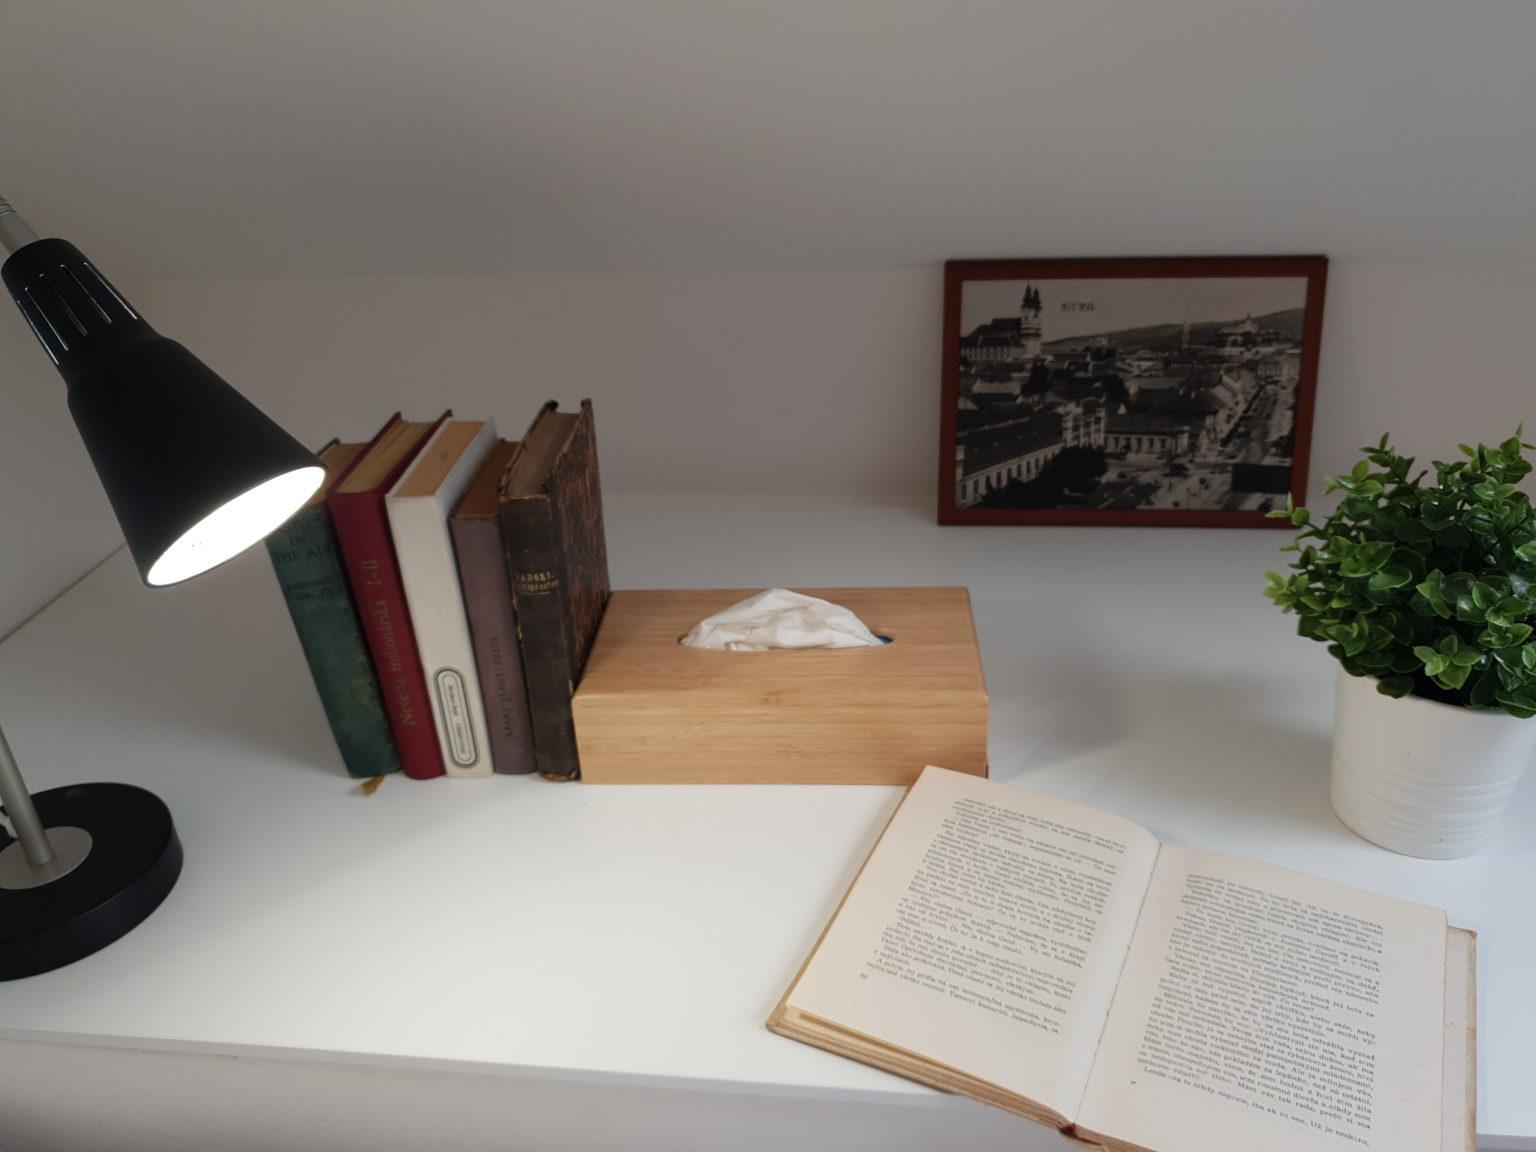 izba 2 - knihy